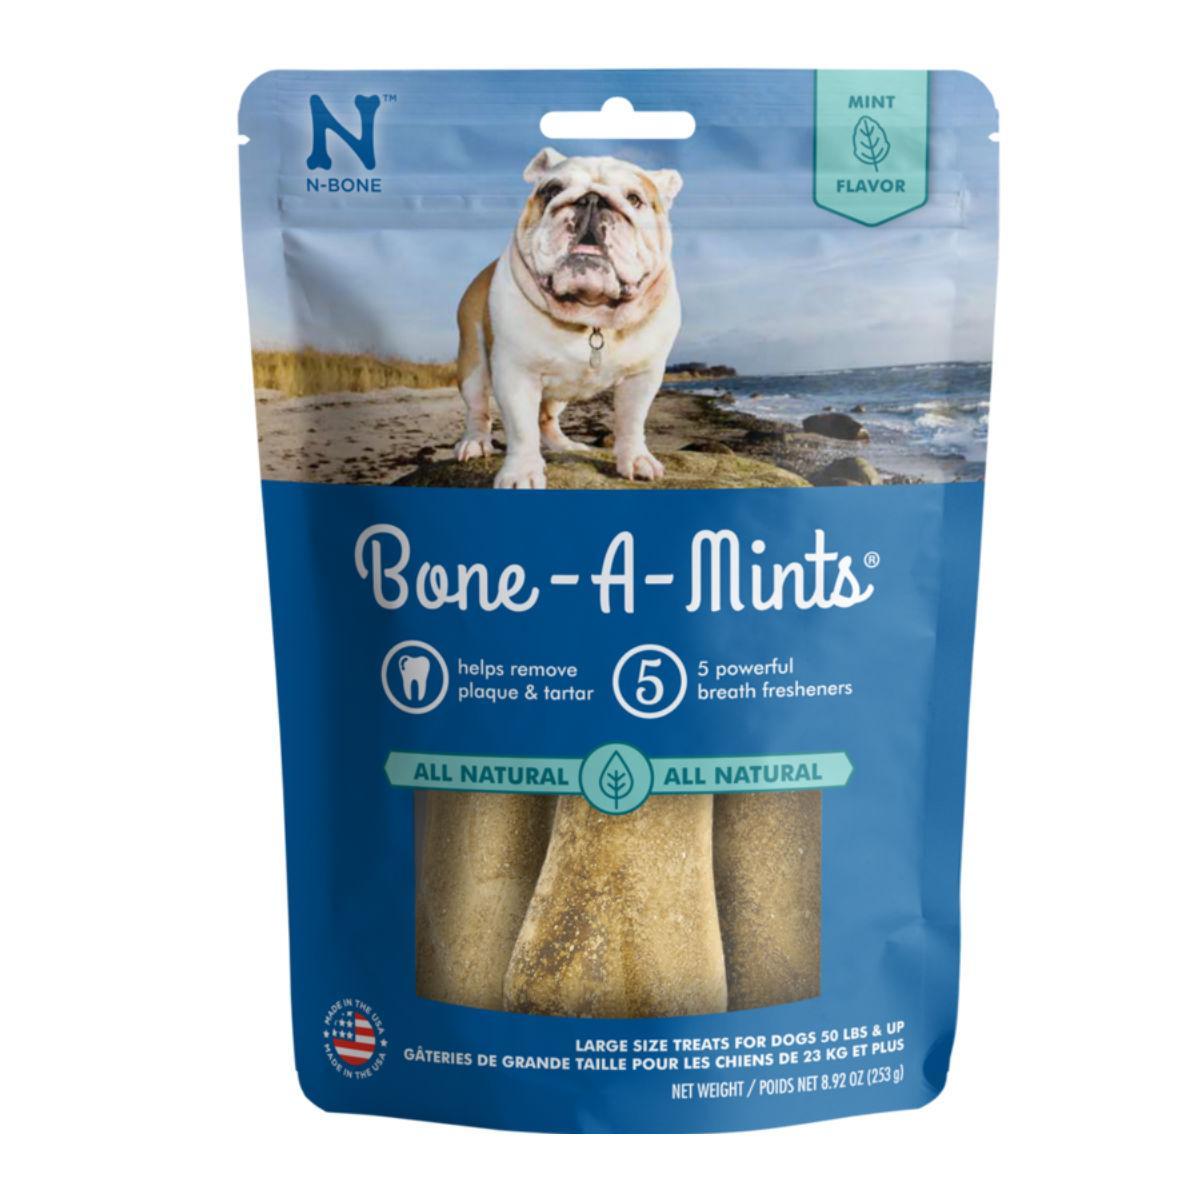 N-BONE Bone-A-Mints Wheat Free Dog Treat